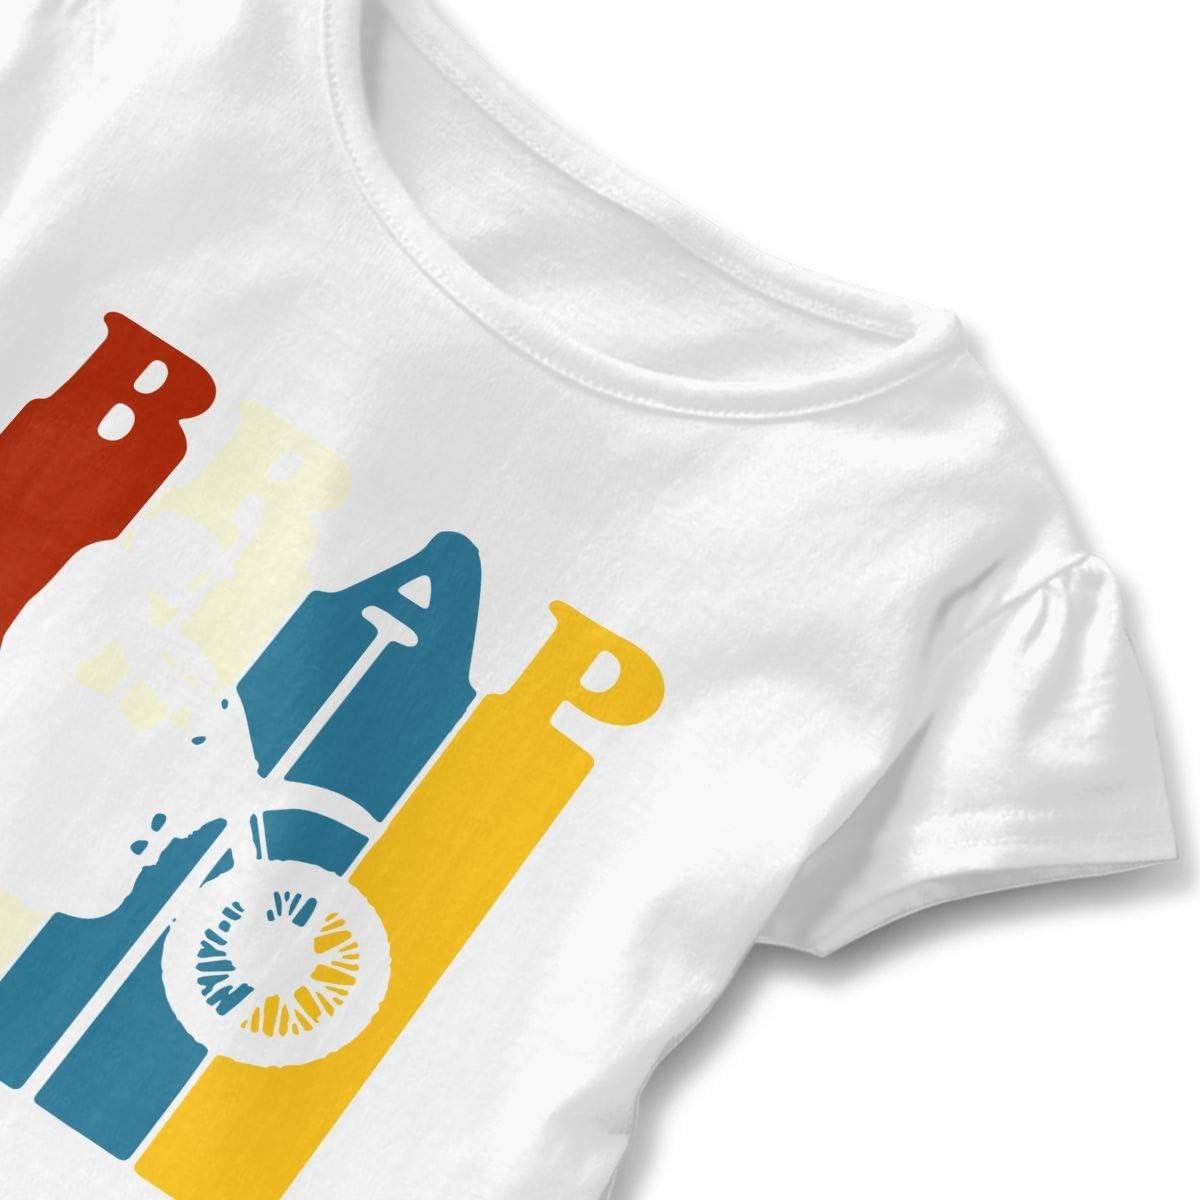 SC/_VD08 Brraaap Dirt Bike Motocross Kids Children Short-Sleeved Shirt Clothes